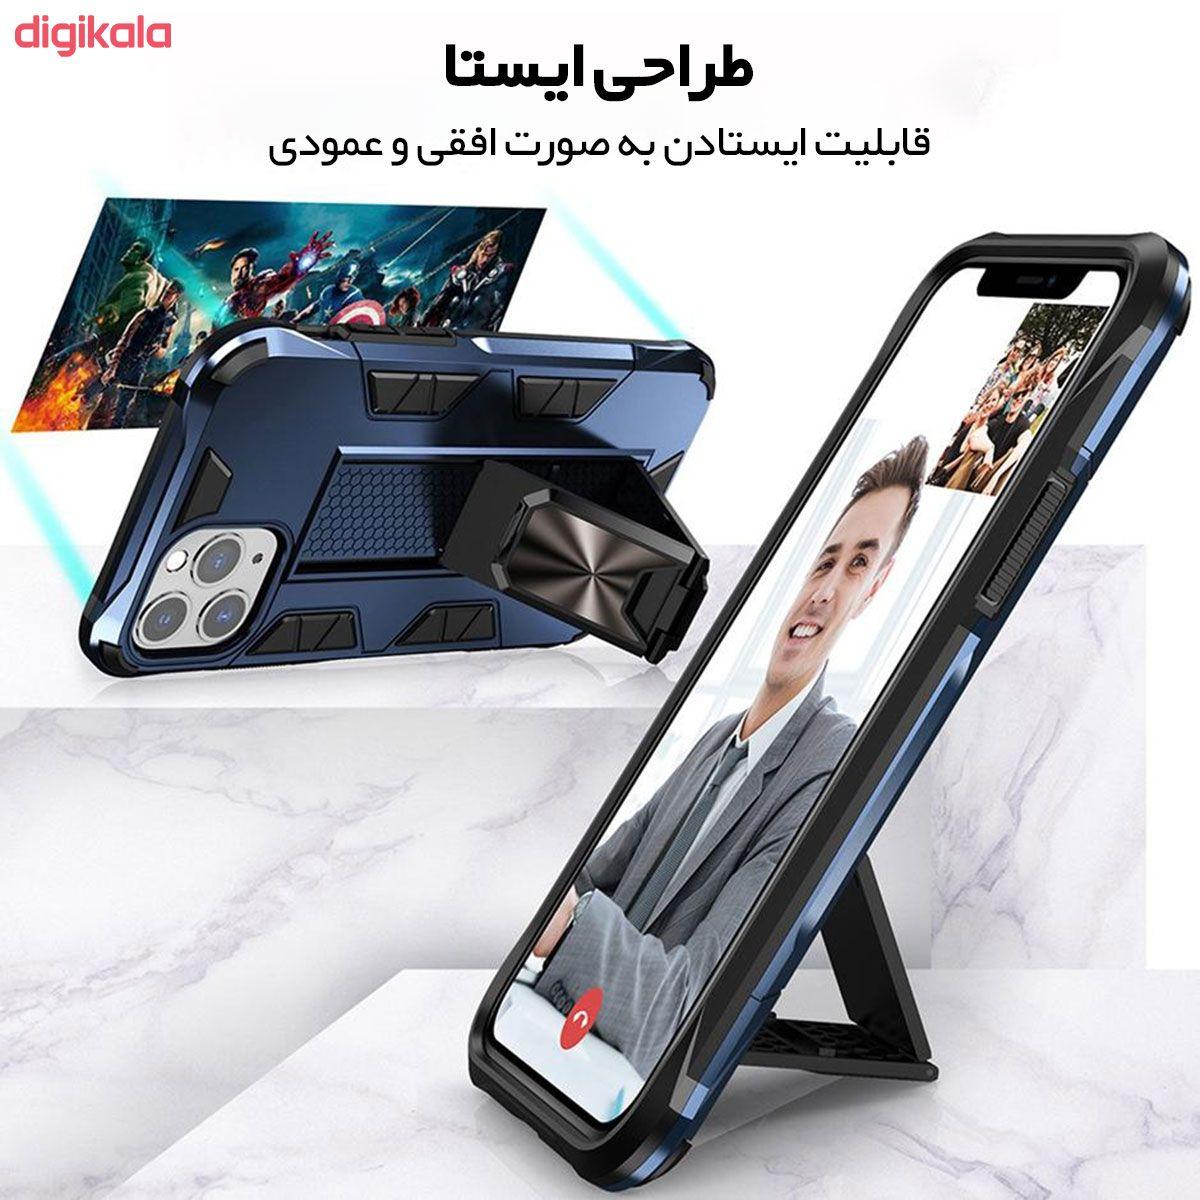 کاور لوکسار مدل Defence90s مناسب برای گوشی موبایل اپل iPhone 11 Pro main 1 2